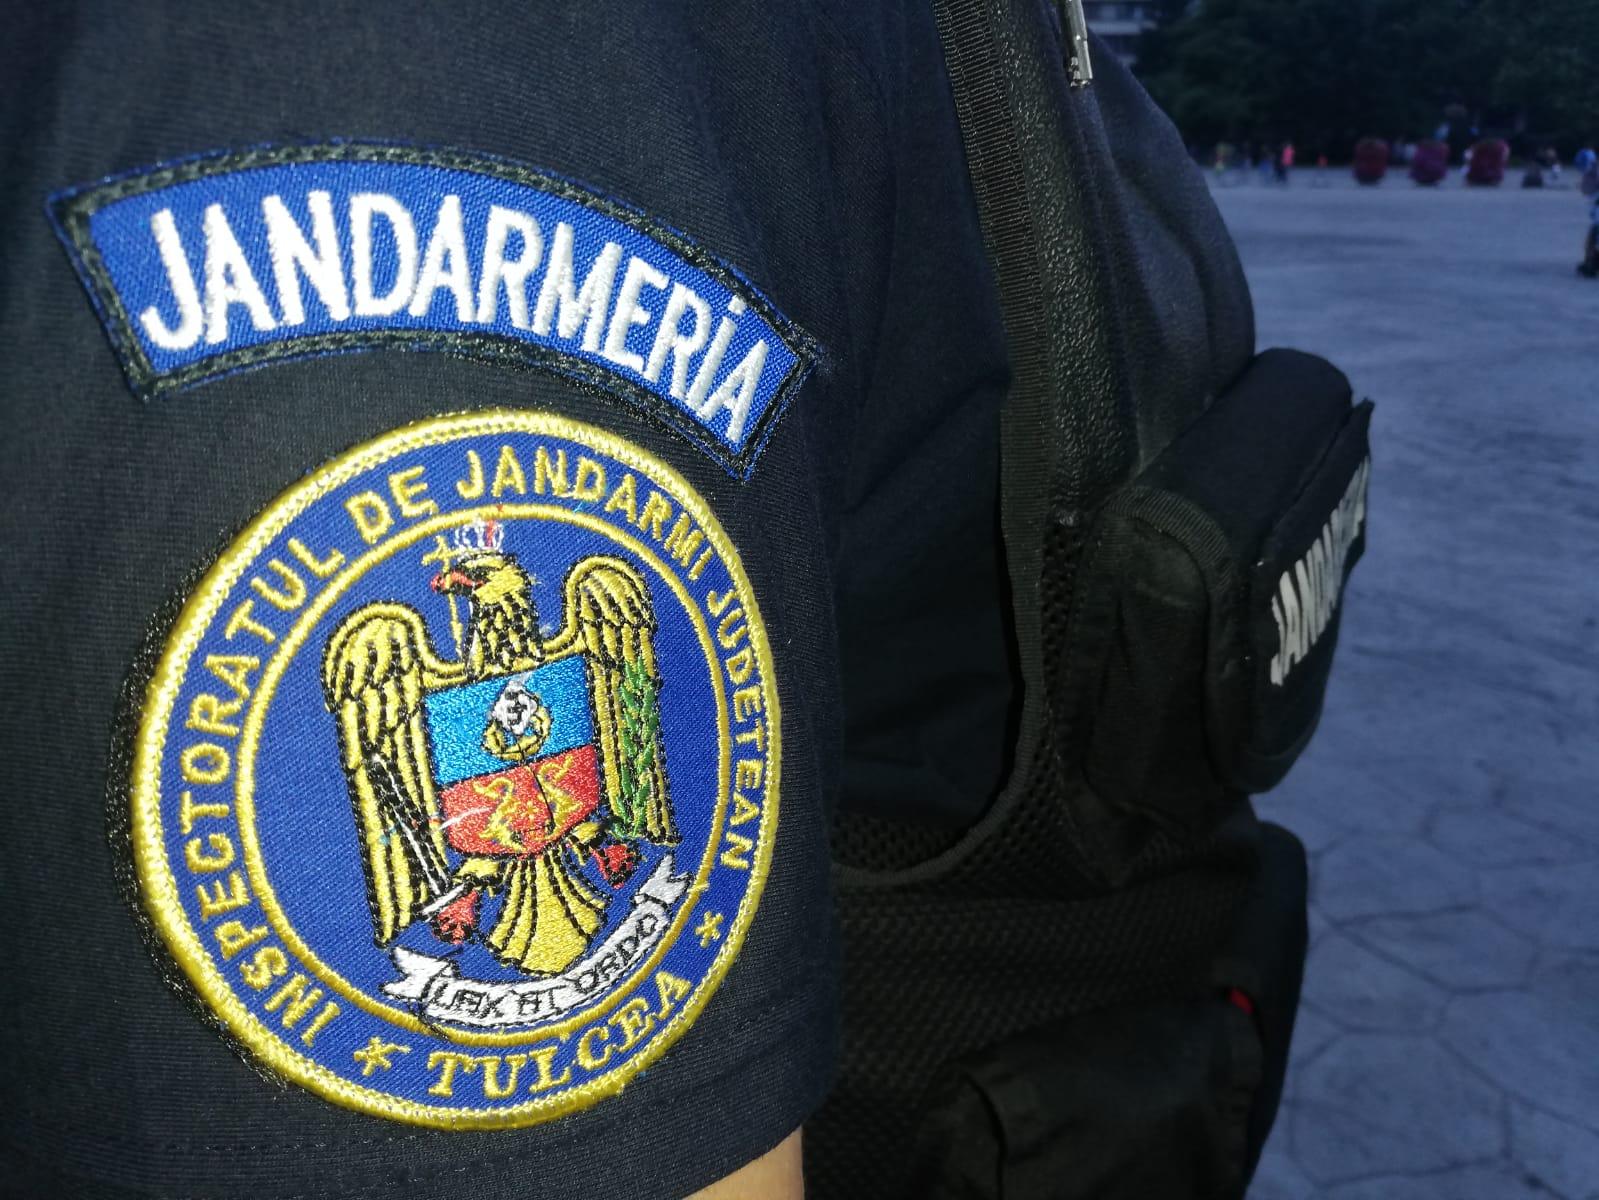 Un bărbat a cerut sprijinul jandarmilor, reclamând furtul celor doi câini ai săi